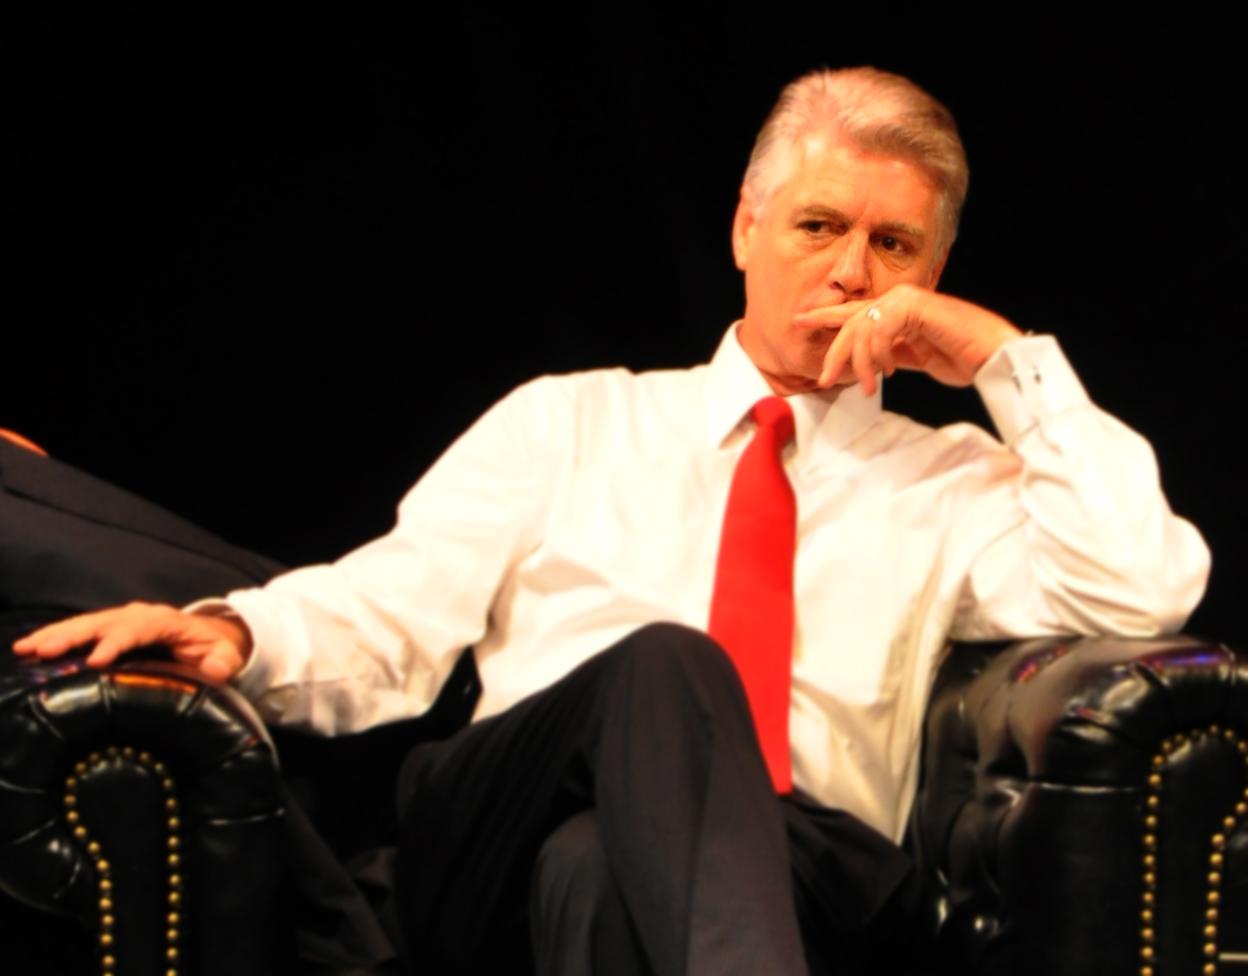 Bill Clinton Hercules